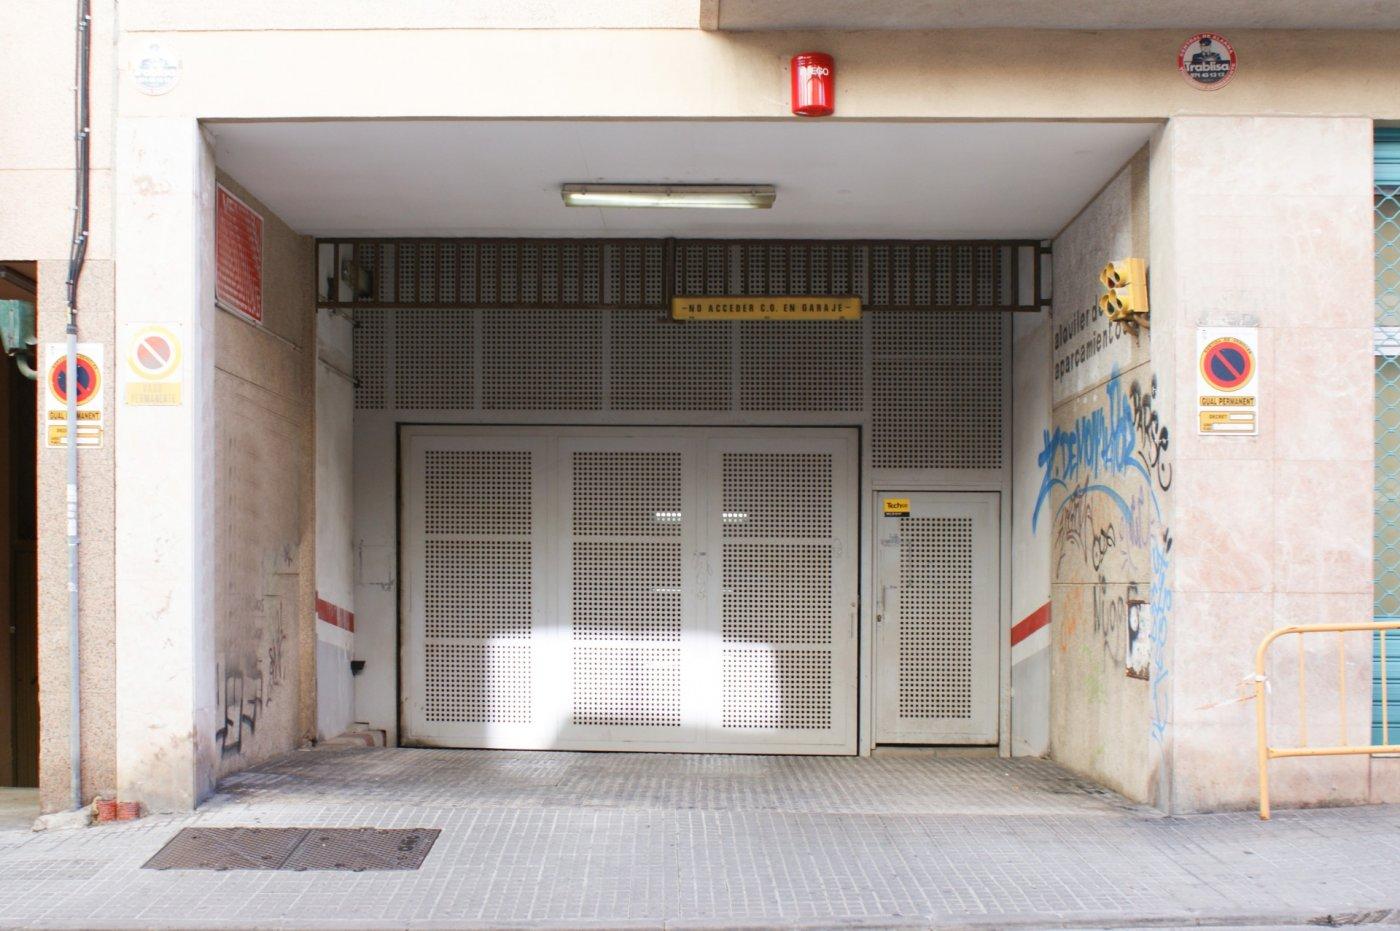 Plaza de aparcamiento en c/ cima 17 - imagenInmueble4